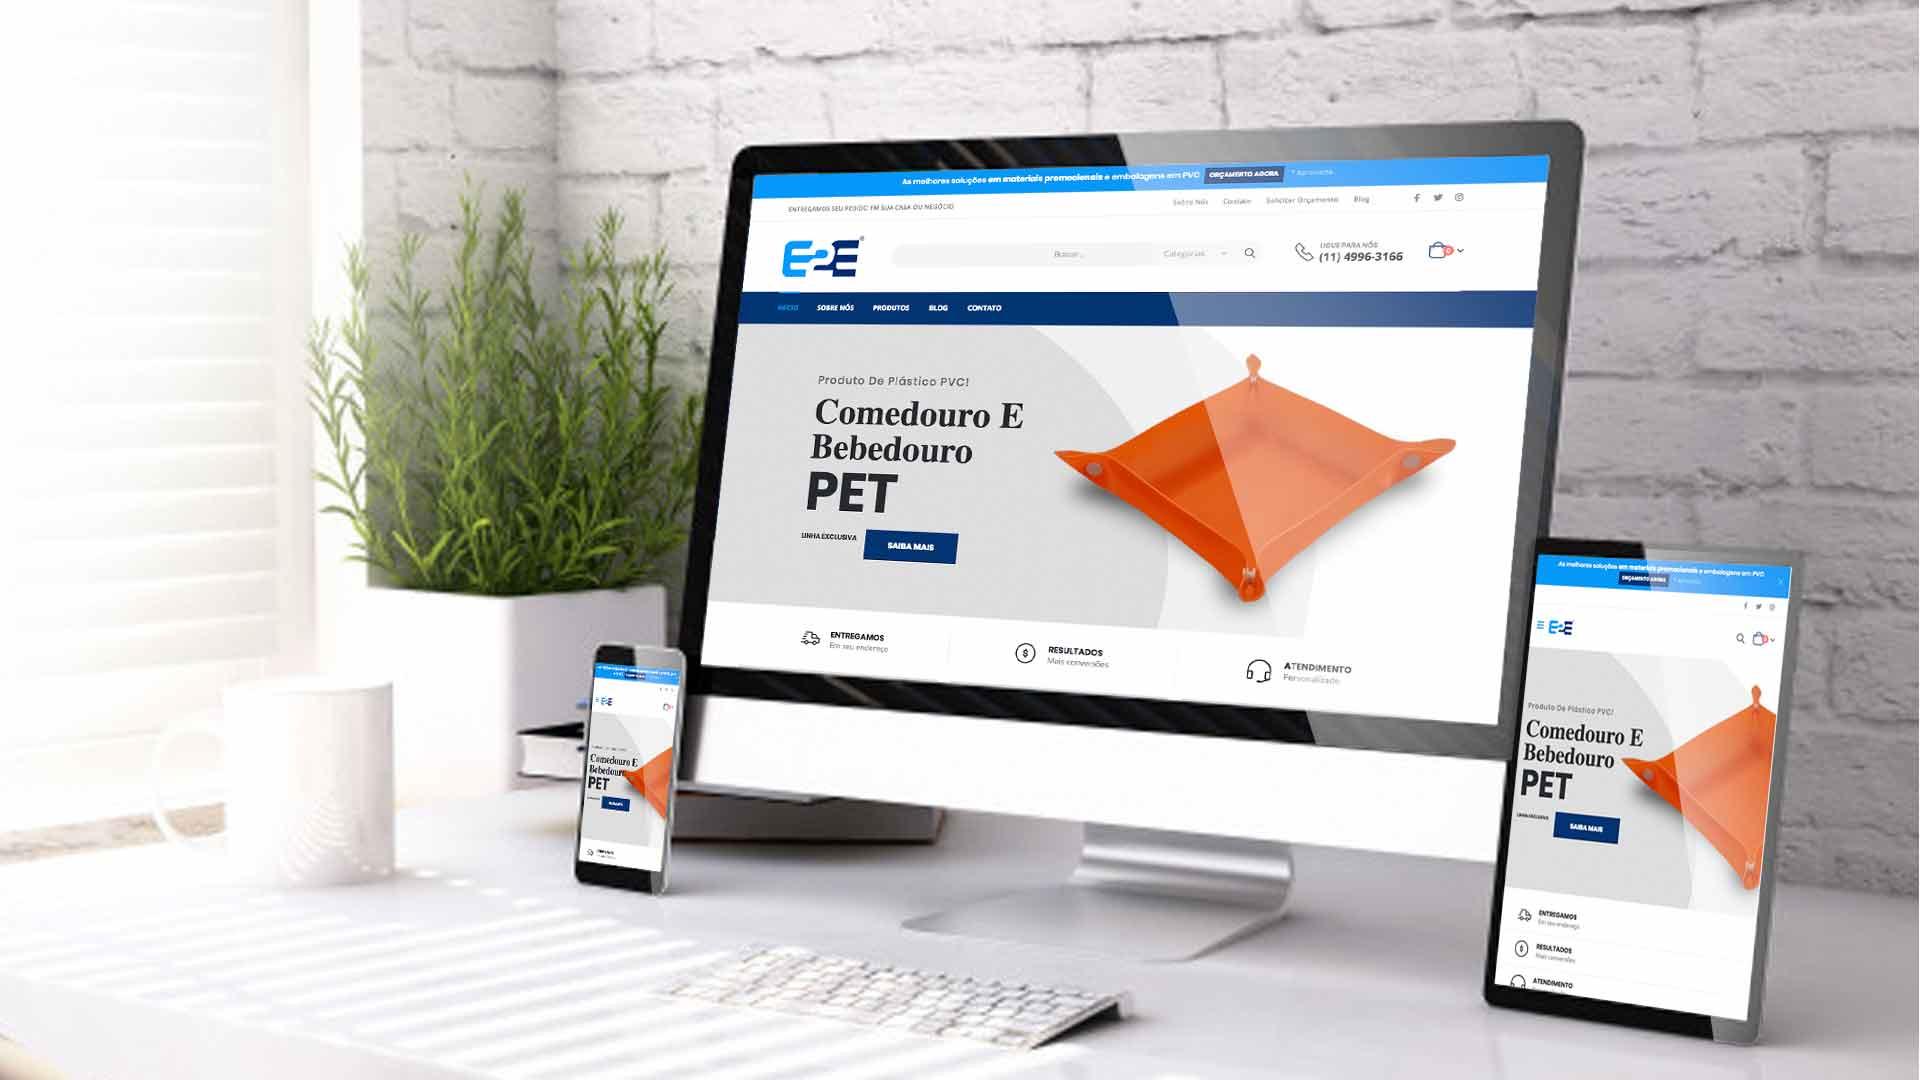 criacao-de-site-de-vendas-corporativo-e-institucional-e2e